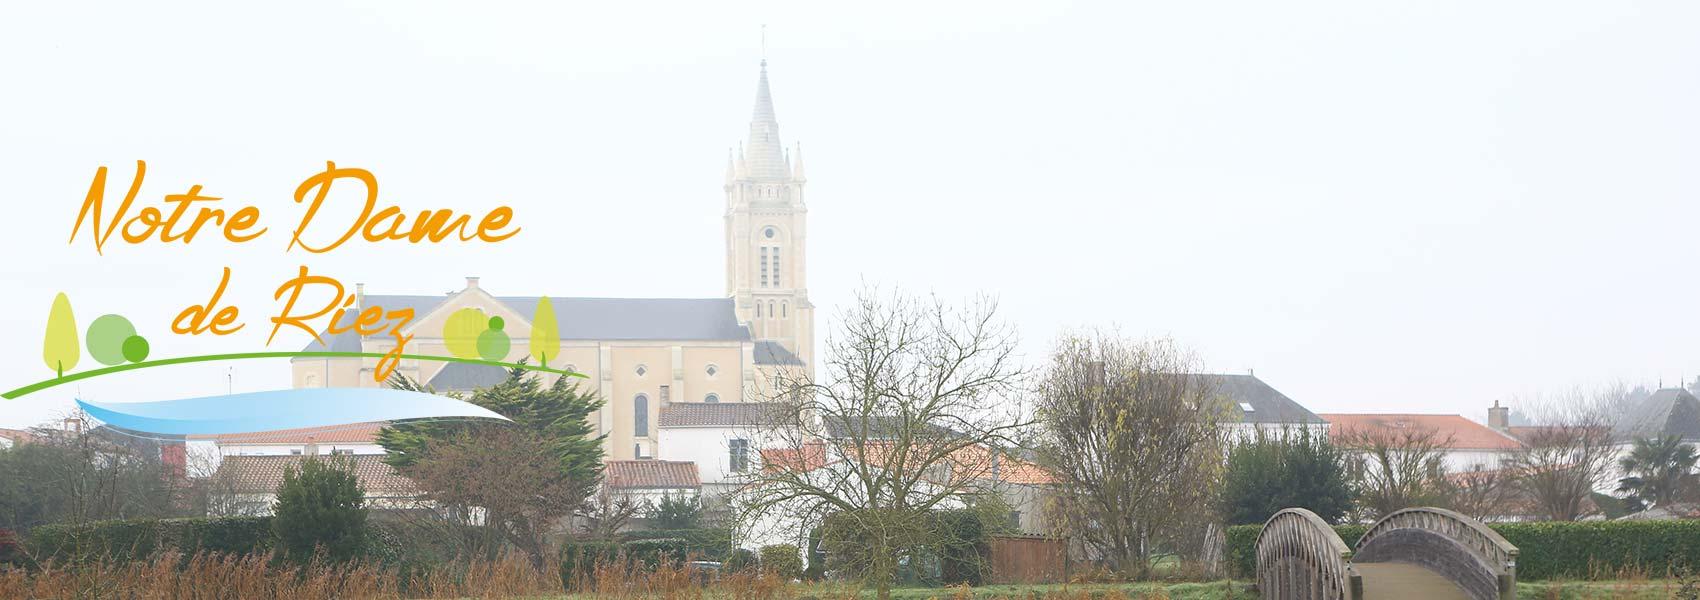 Mairie de Notre-Dame-de-Riez